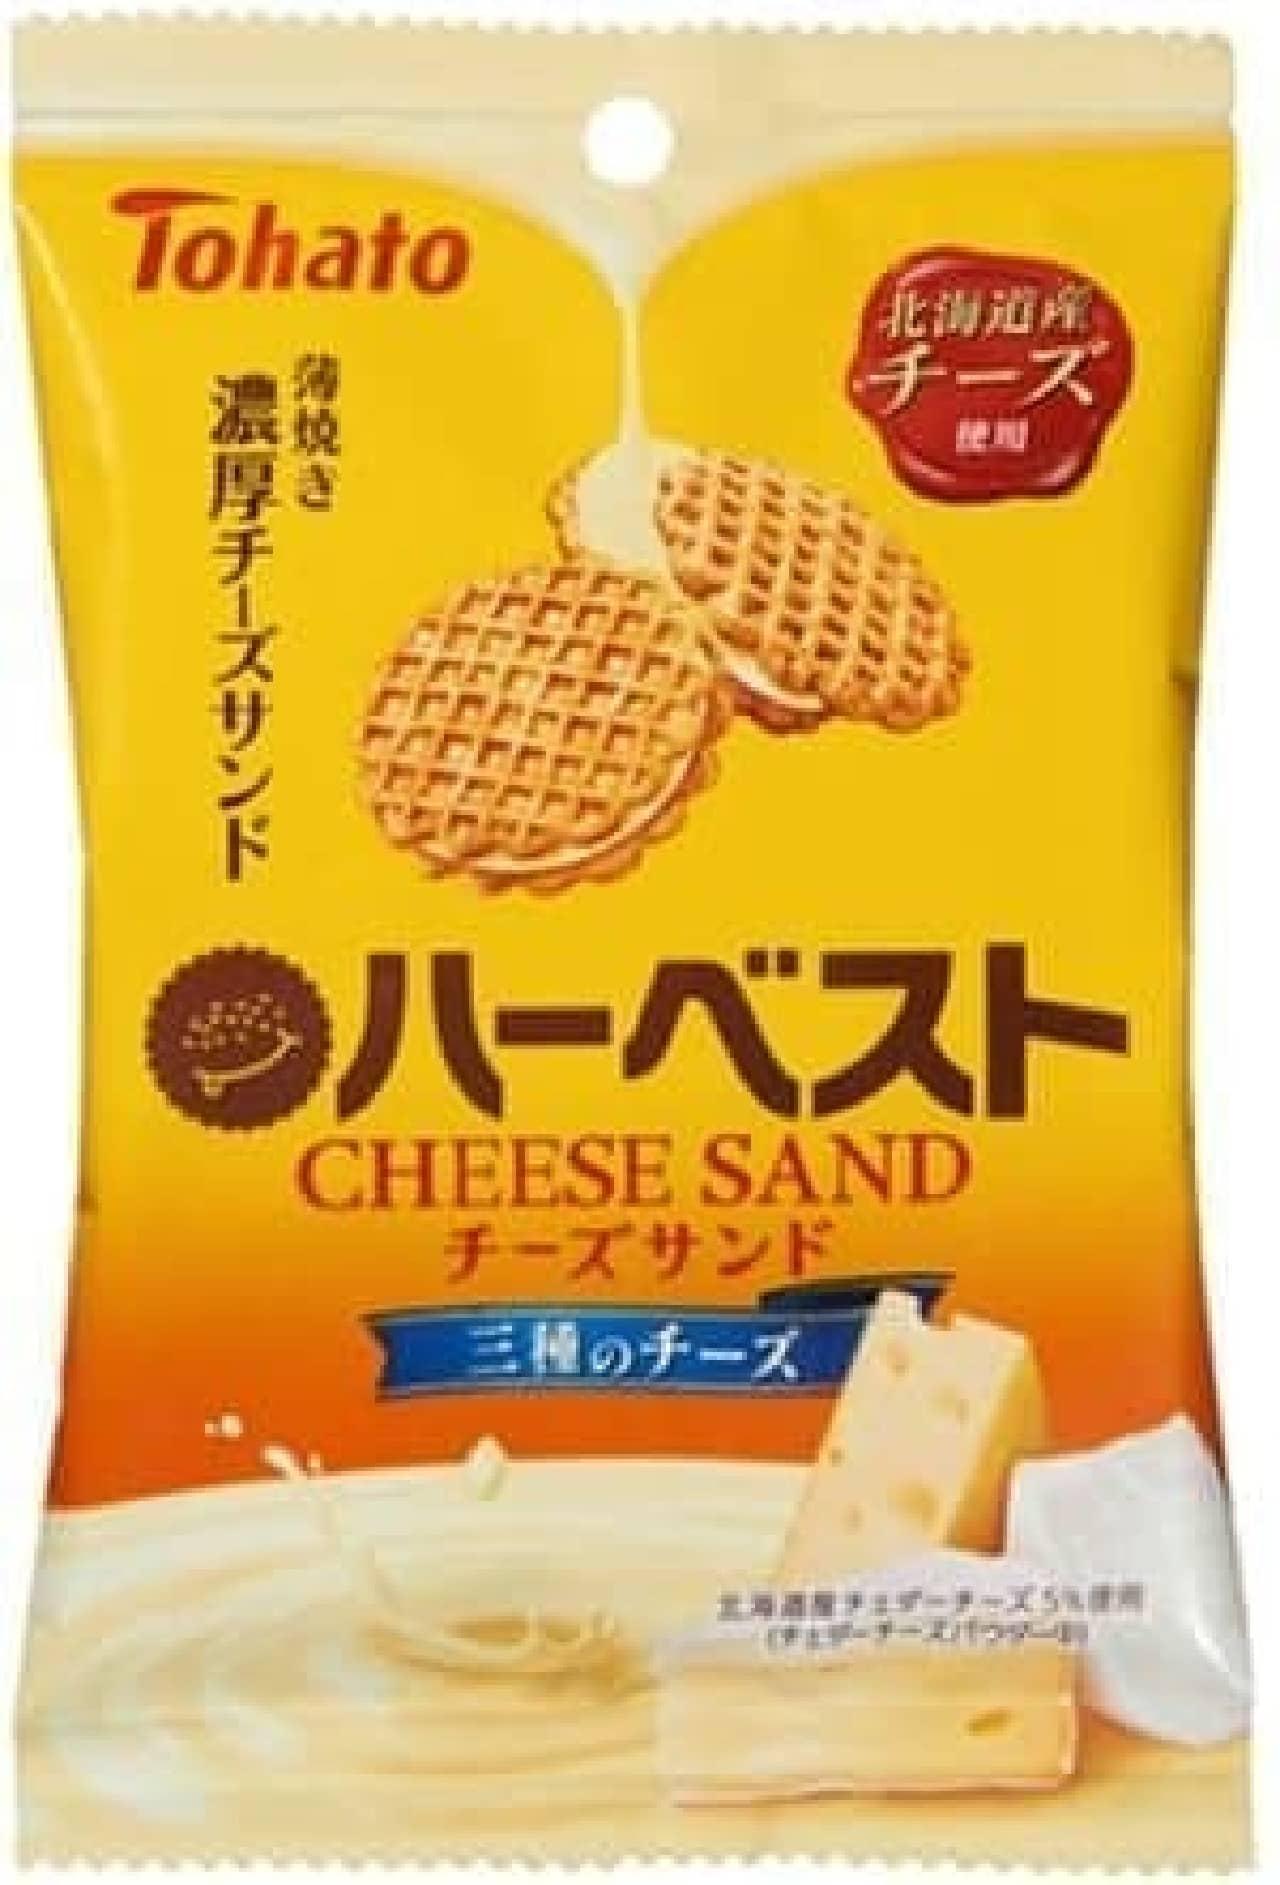 東ハト「ハーベストチーズサンド・三種のチーズ」